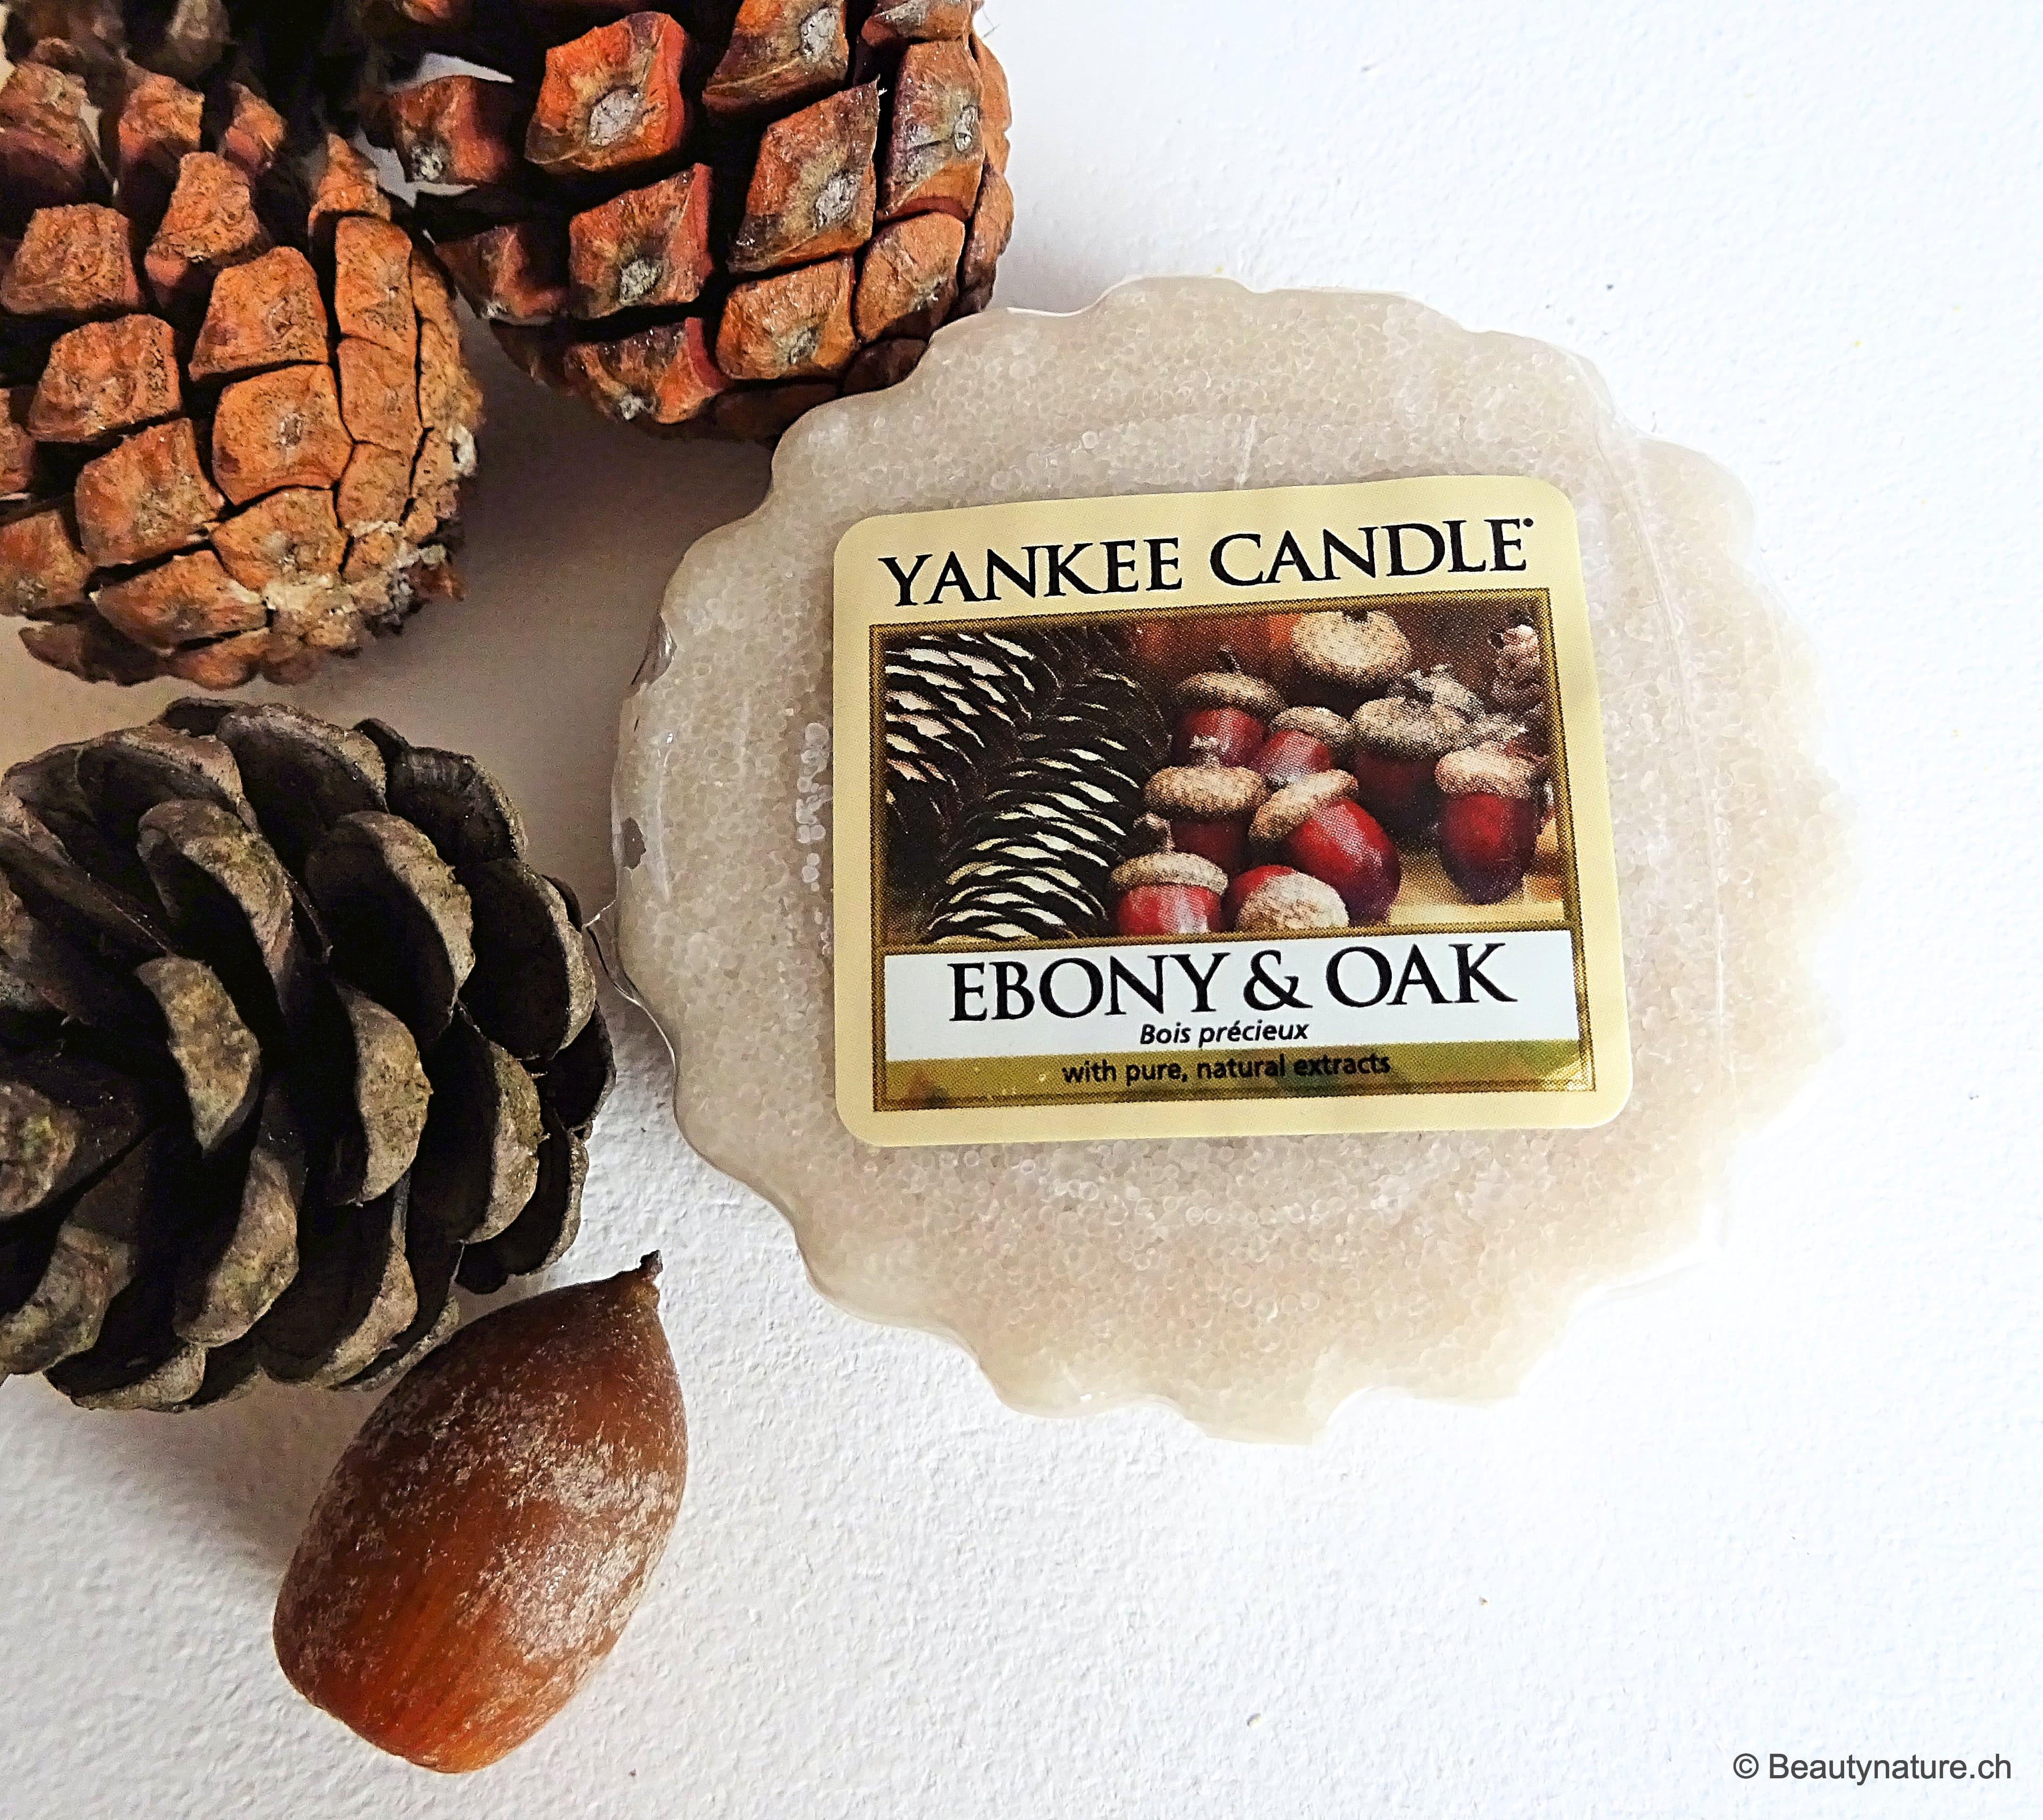 Yankee Candle - Ebony & Oak